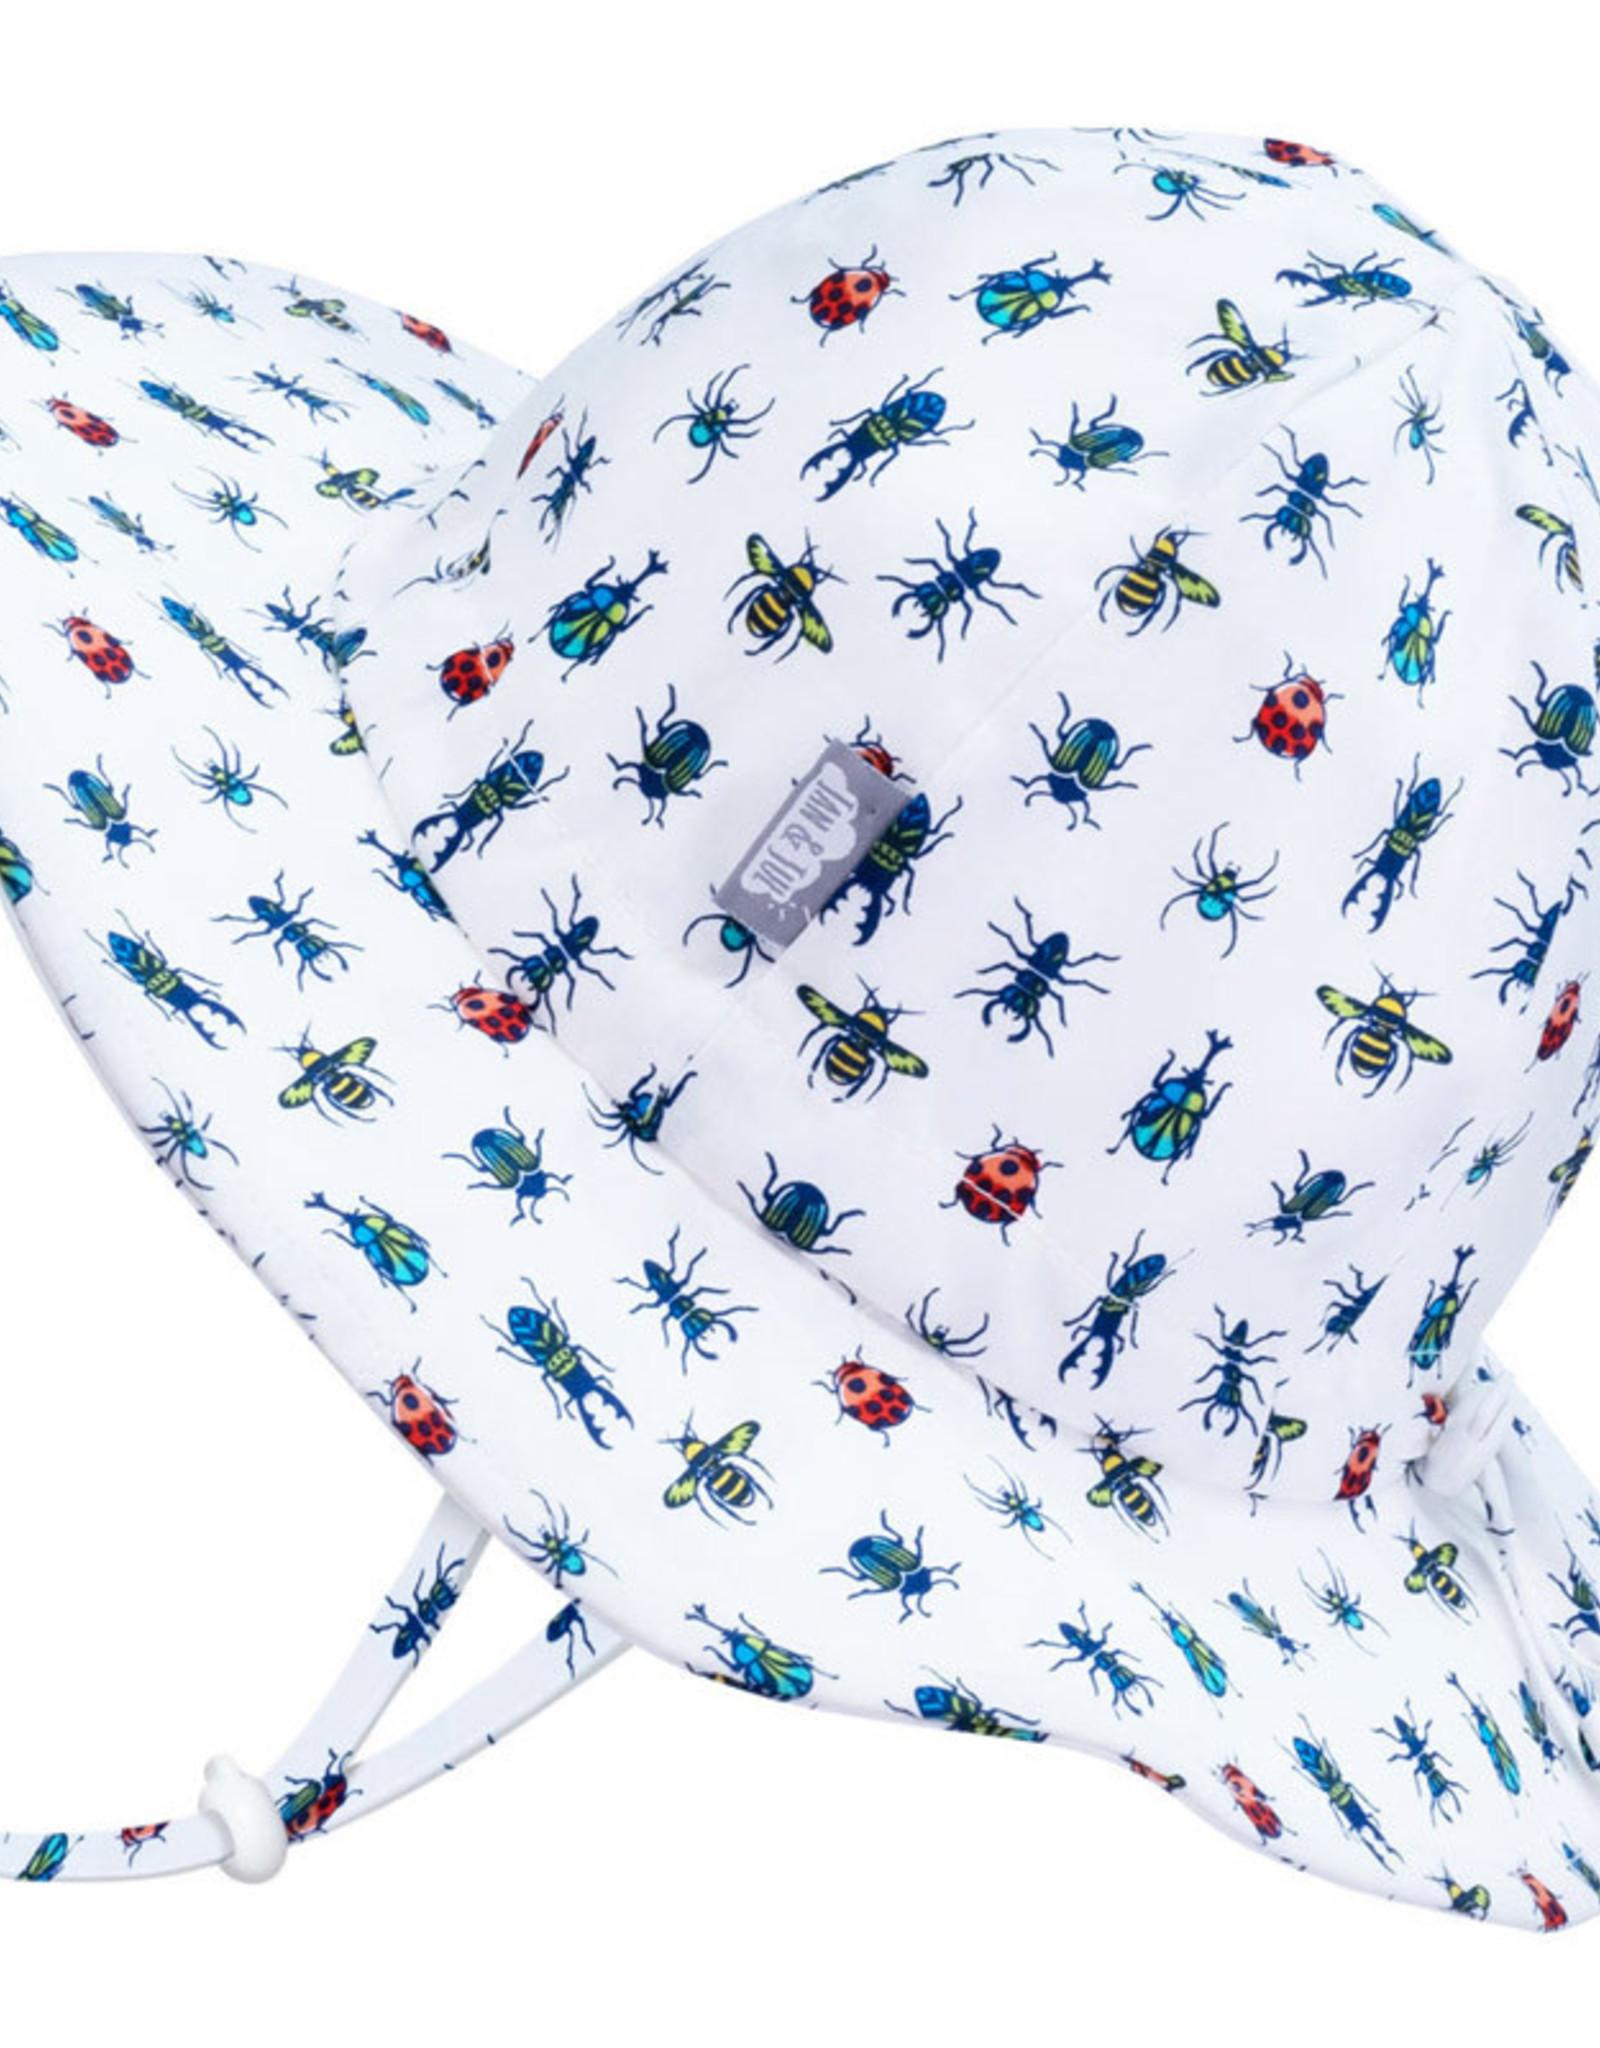 Jan & Jul Jan & Jul Bugs Cotton Floppy Hat